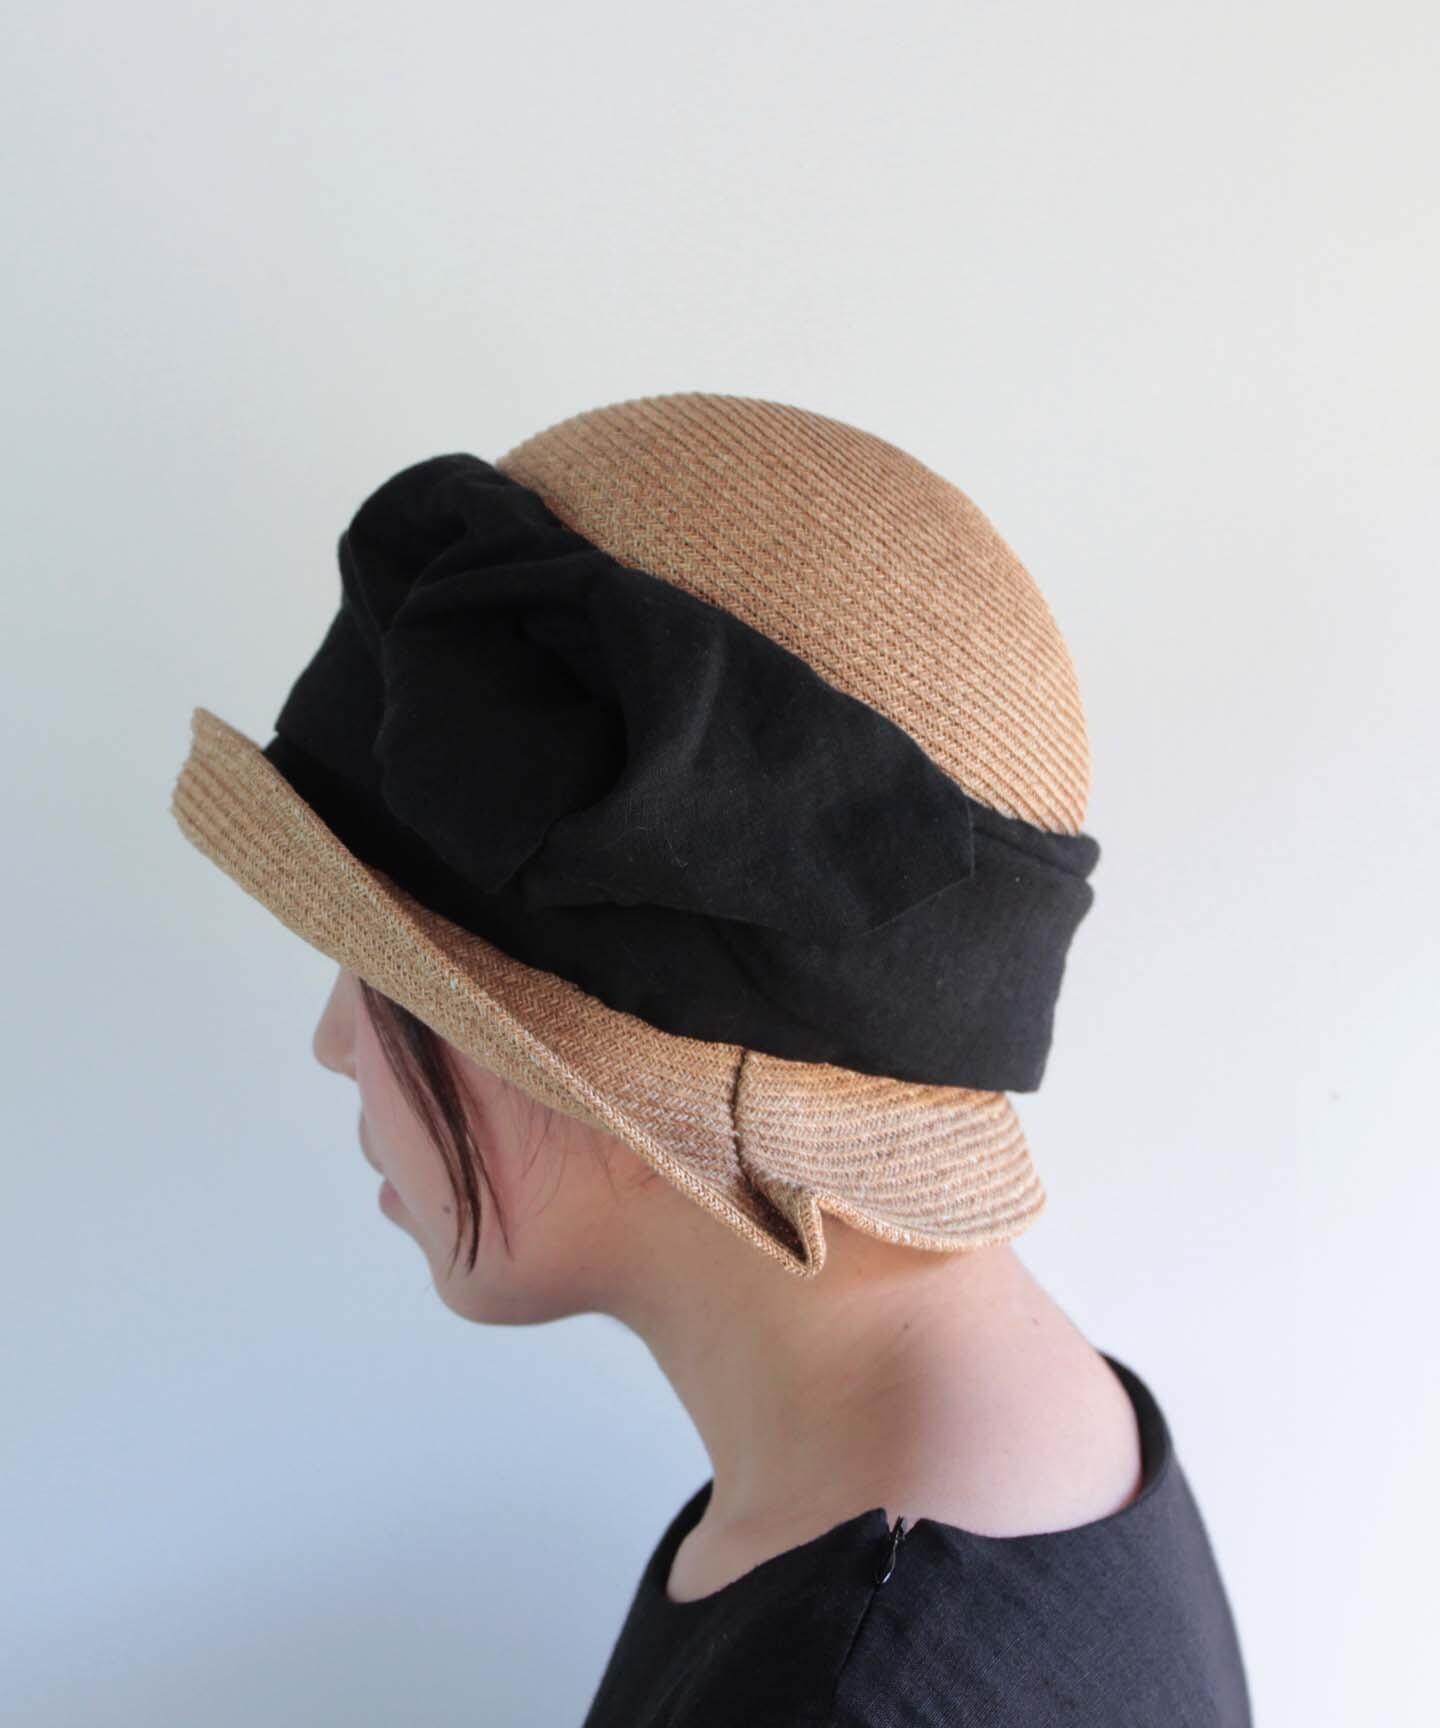 ベルギーリネン生地のリボンを巻いた帽子